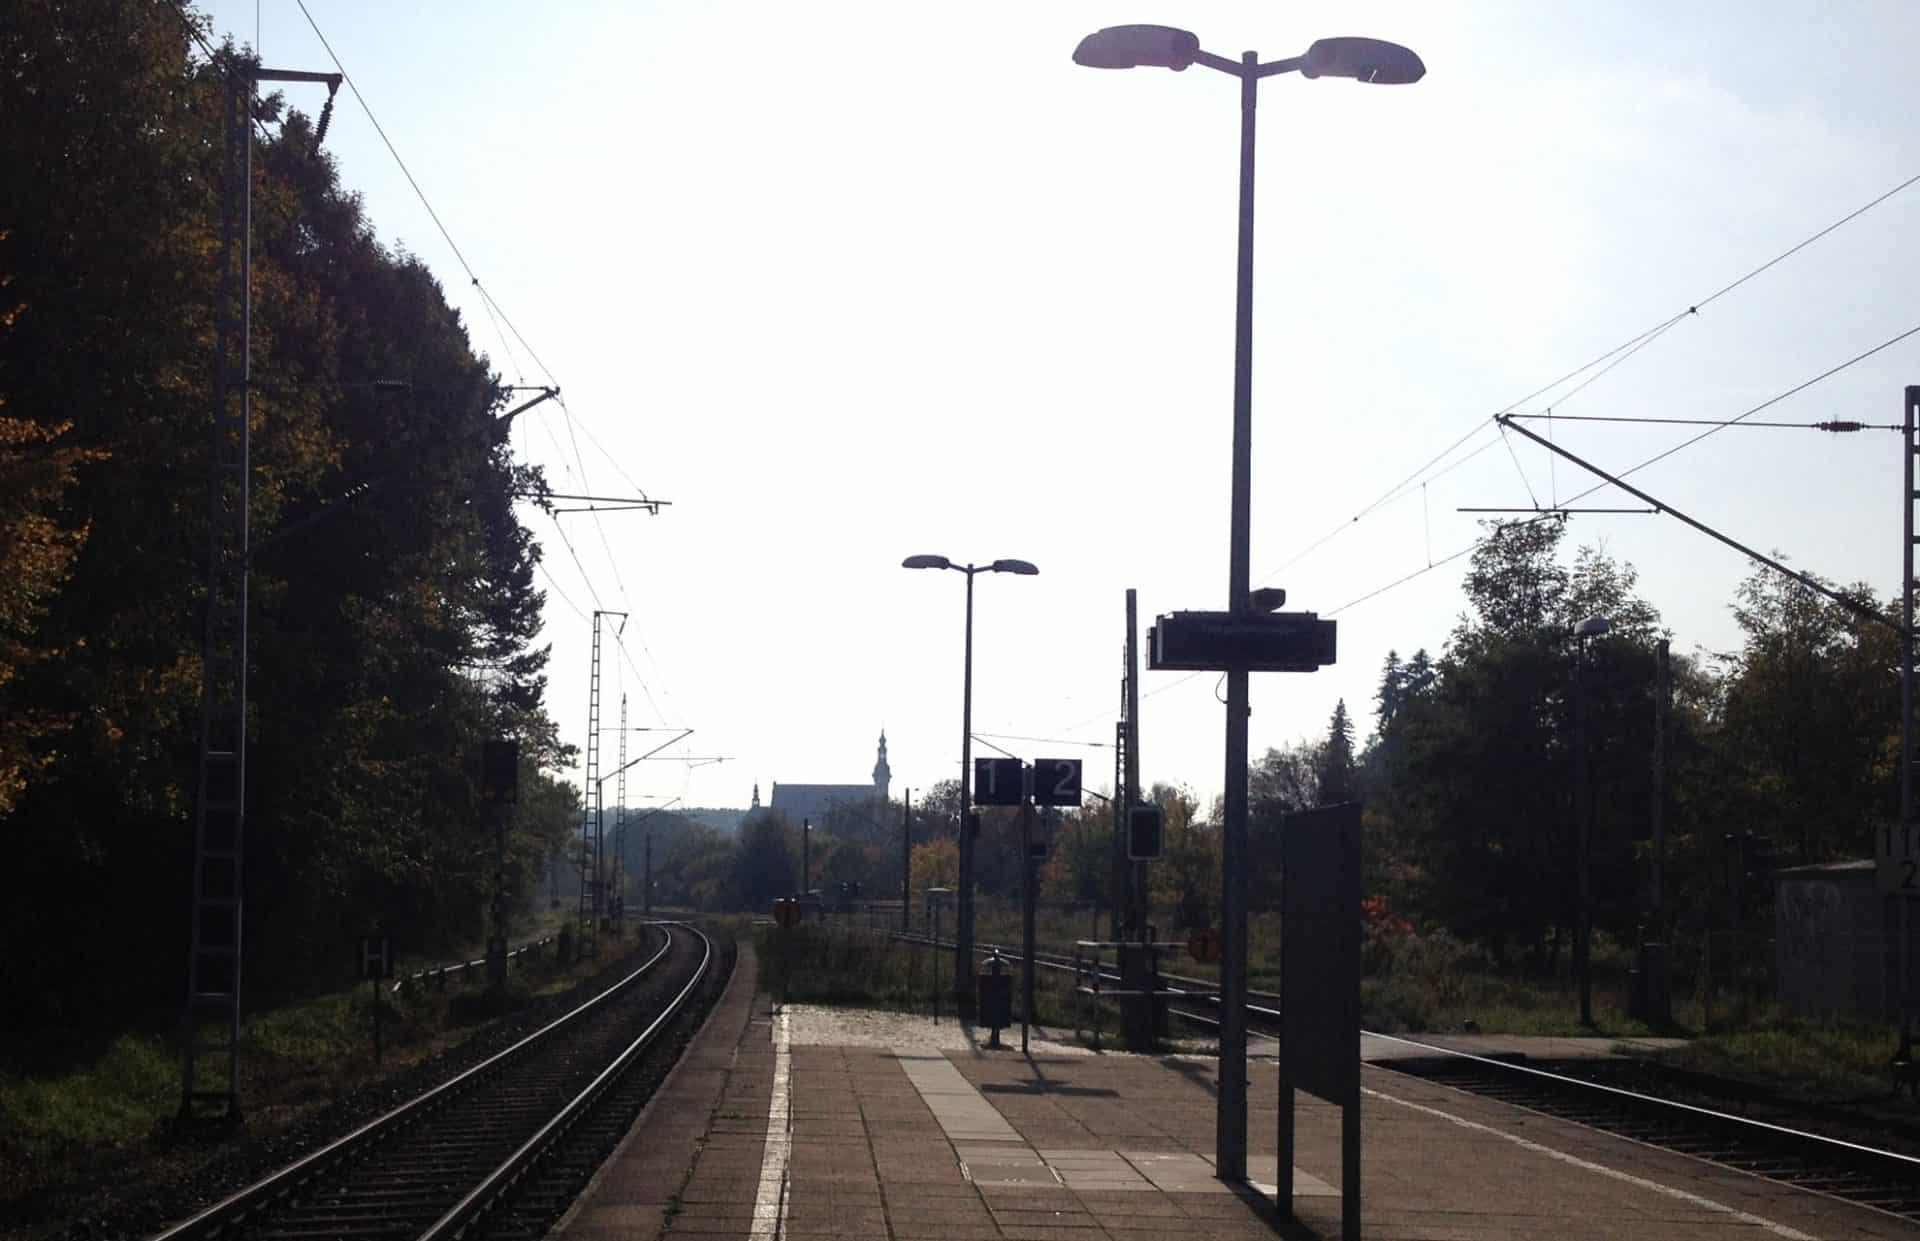 Bahnhof als Symbol für Fernbeziehungen